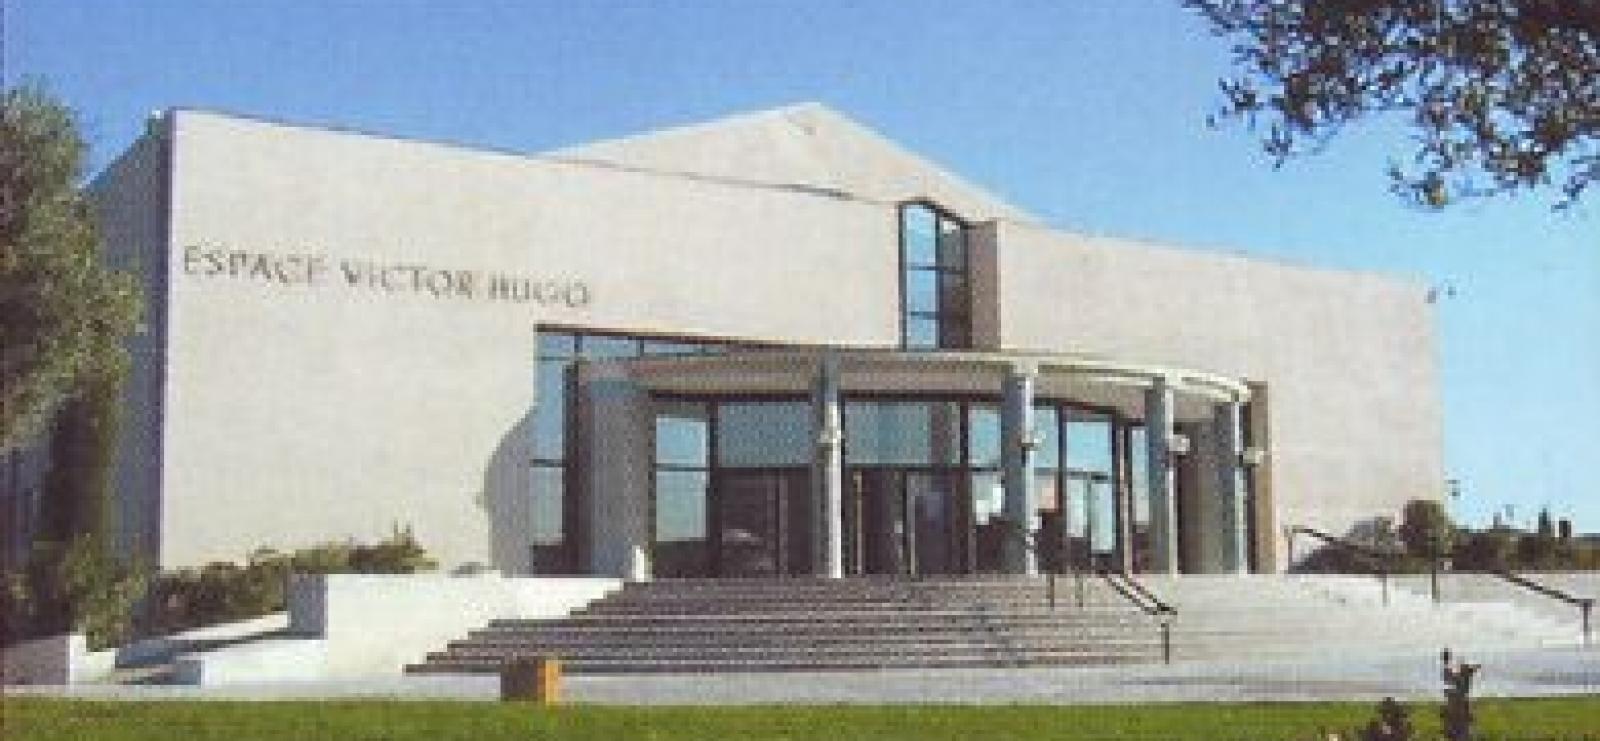 Espace Culturel Victor Hugo